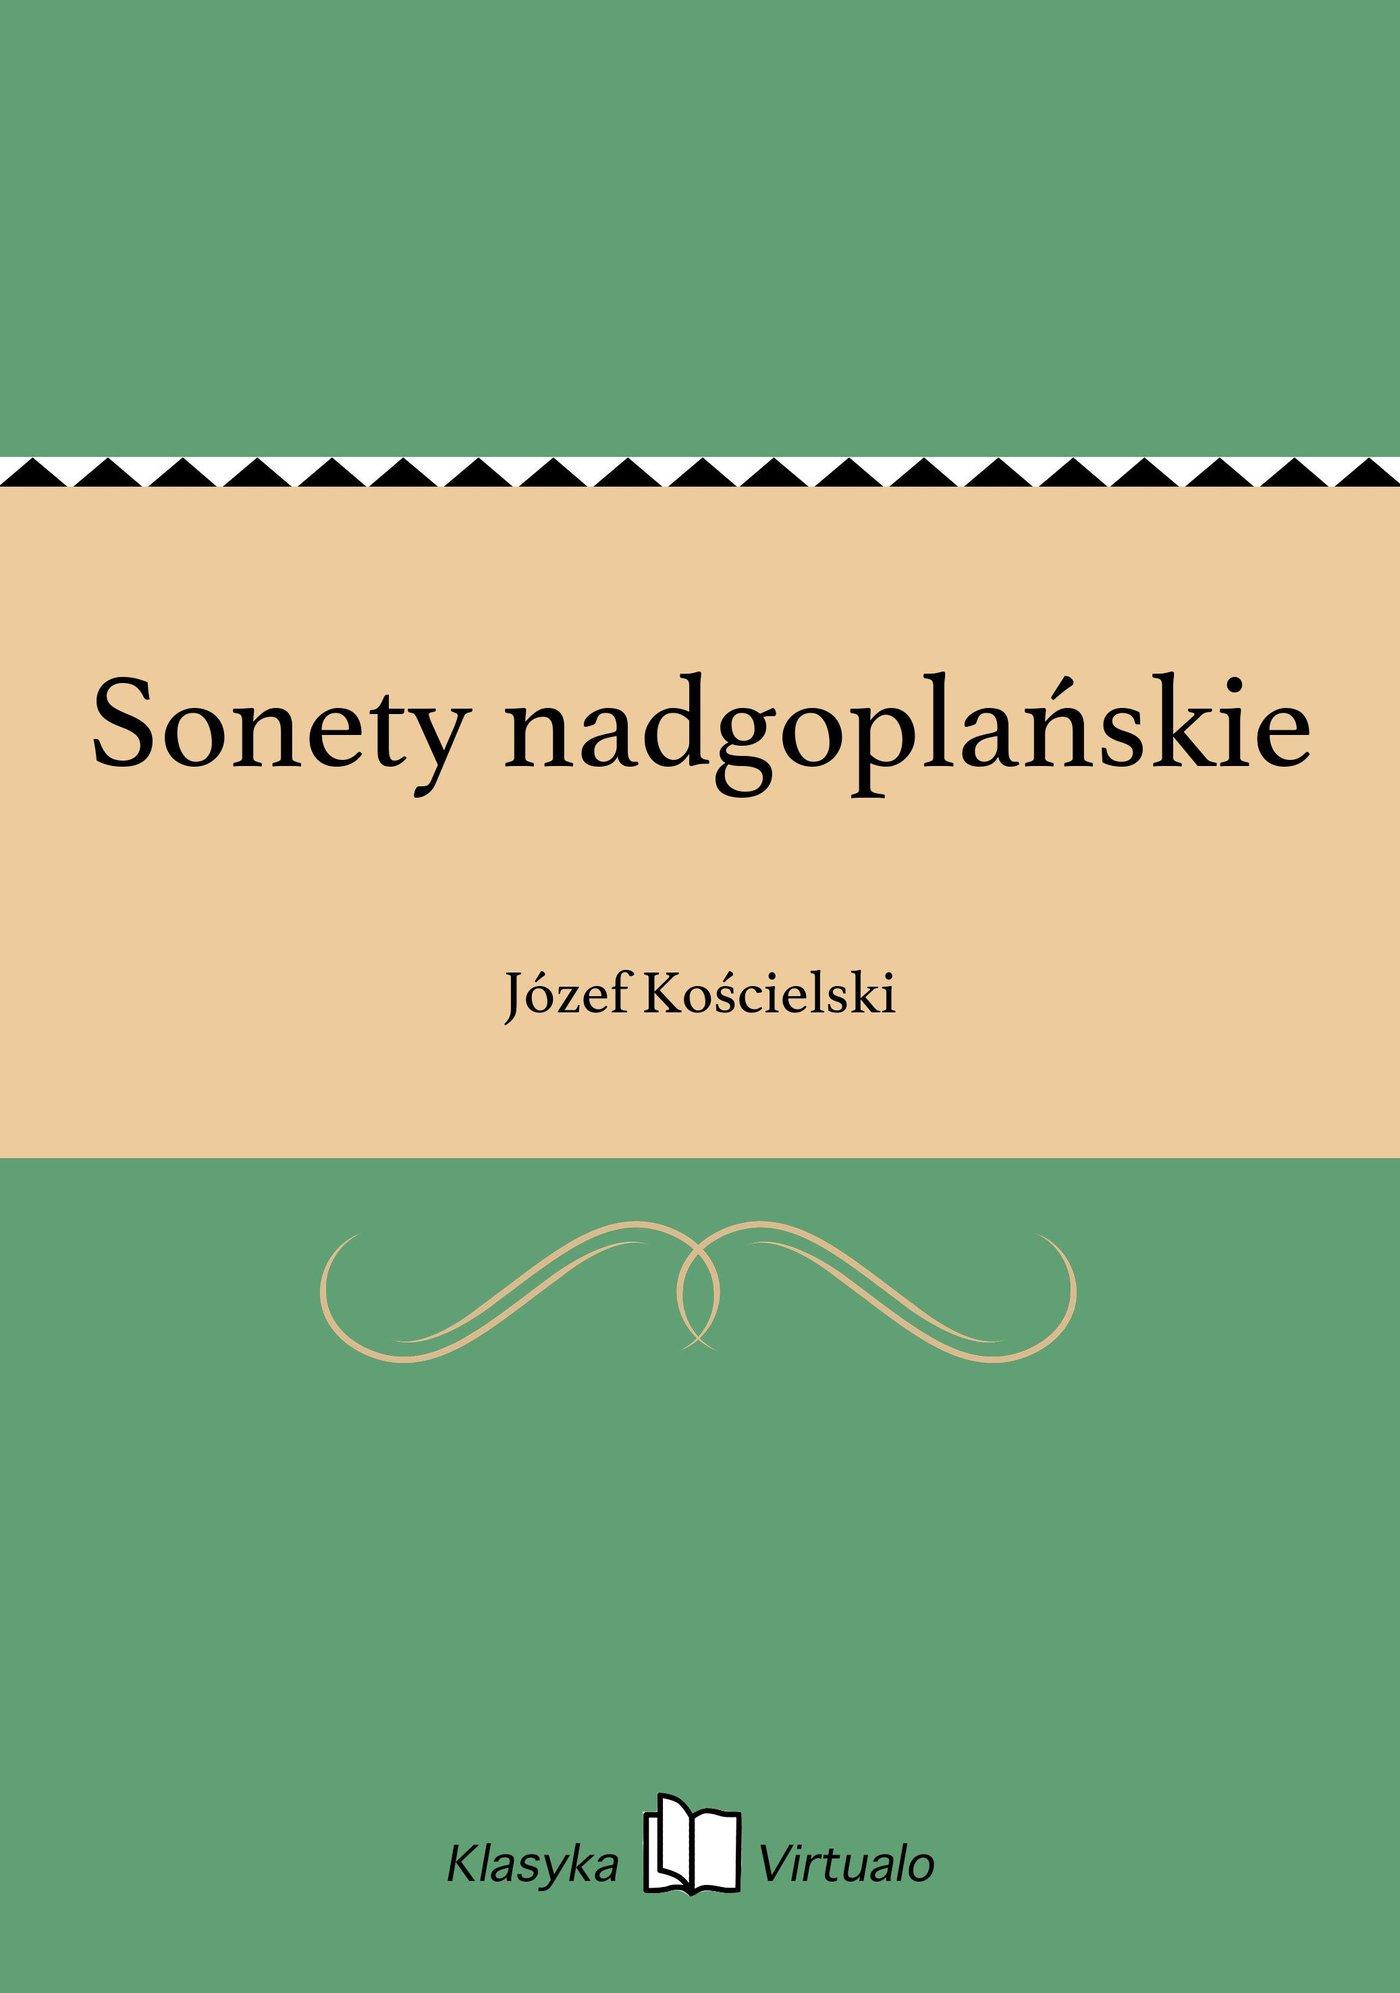 Sonety nadgoplańskie - Ebook (Książka EPUB) do pobrania w formacie EPUB